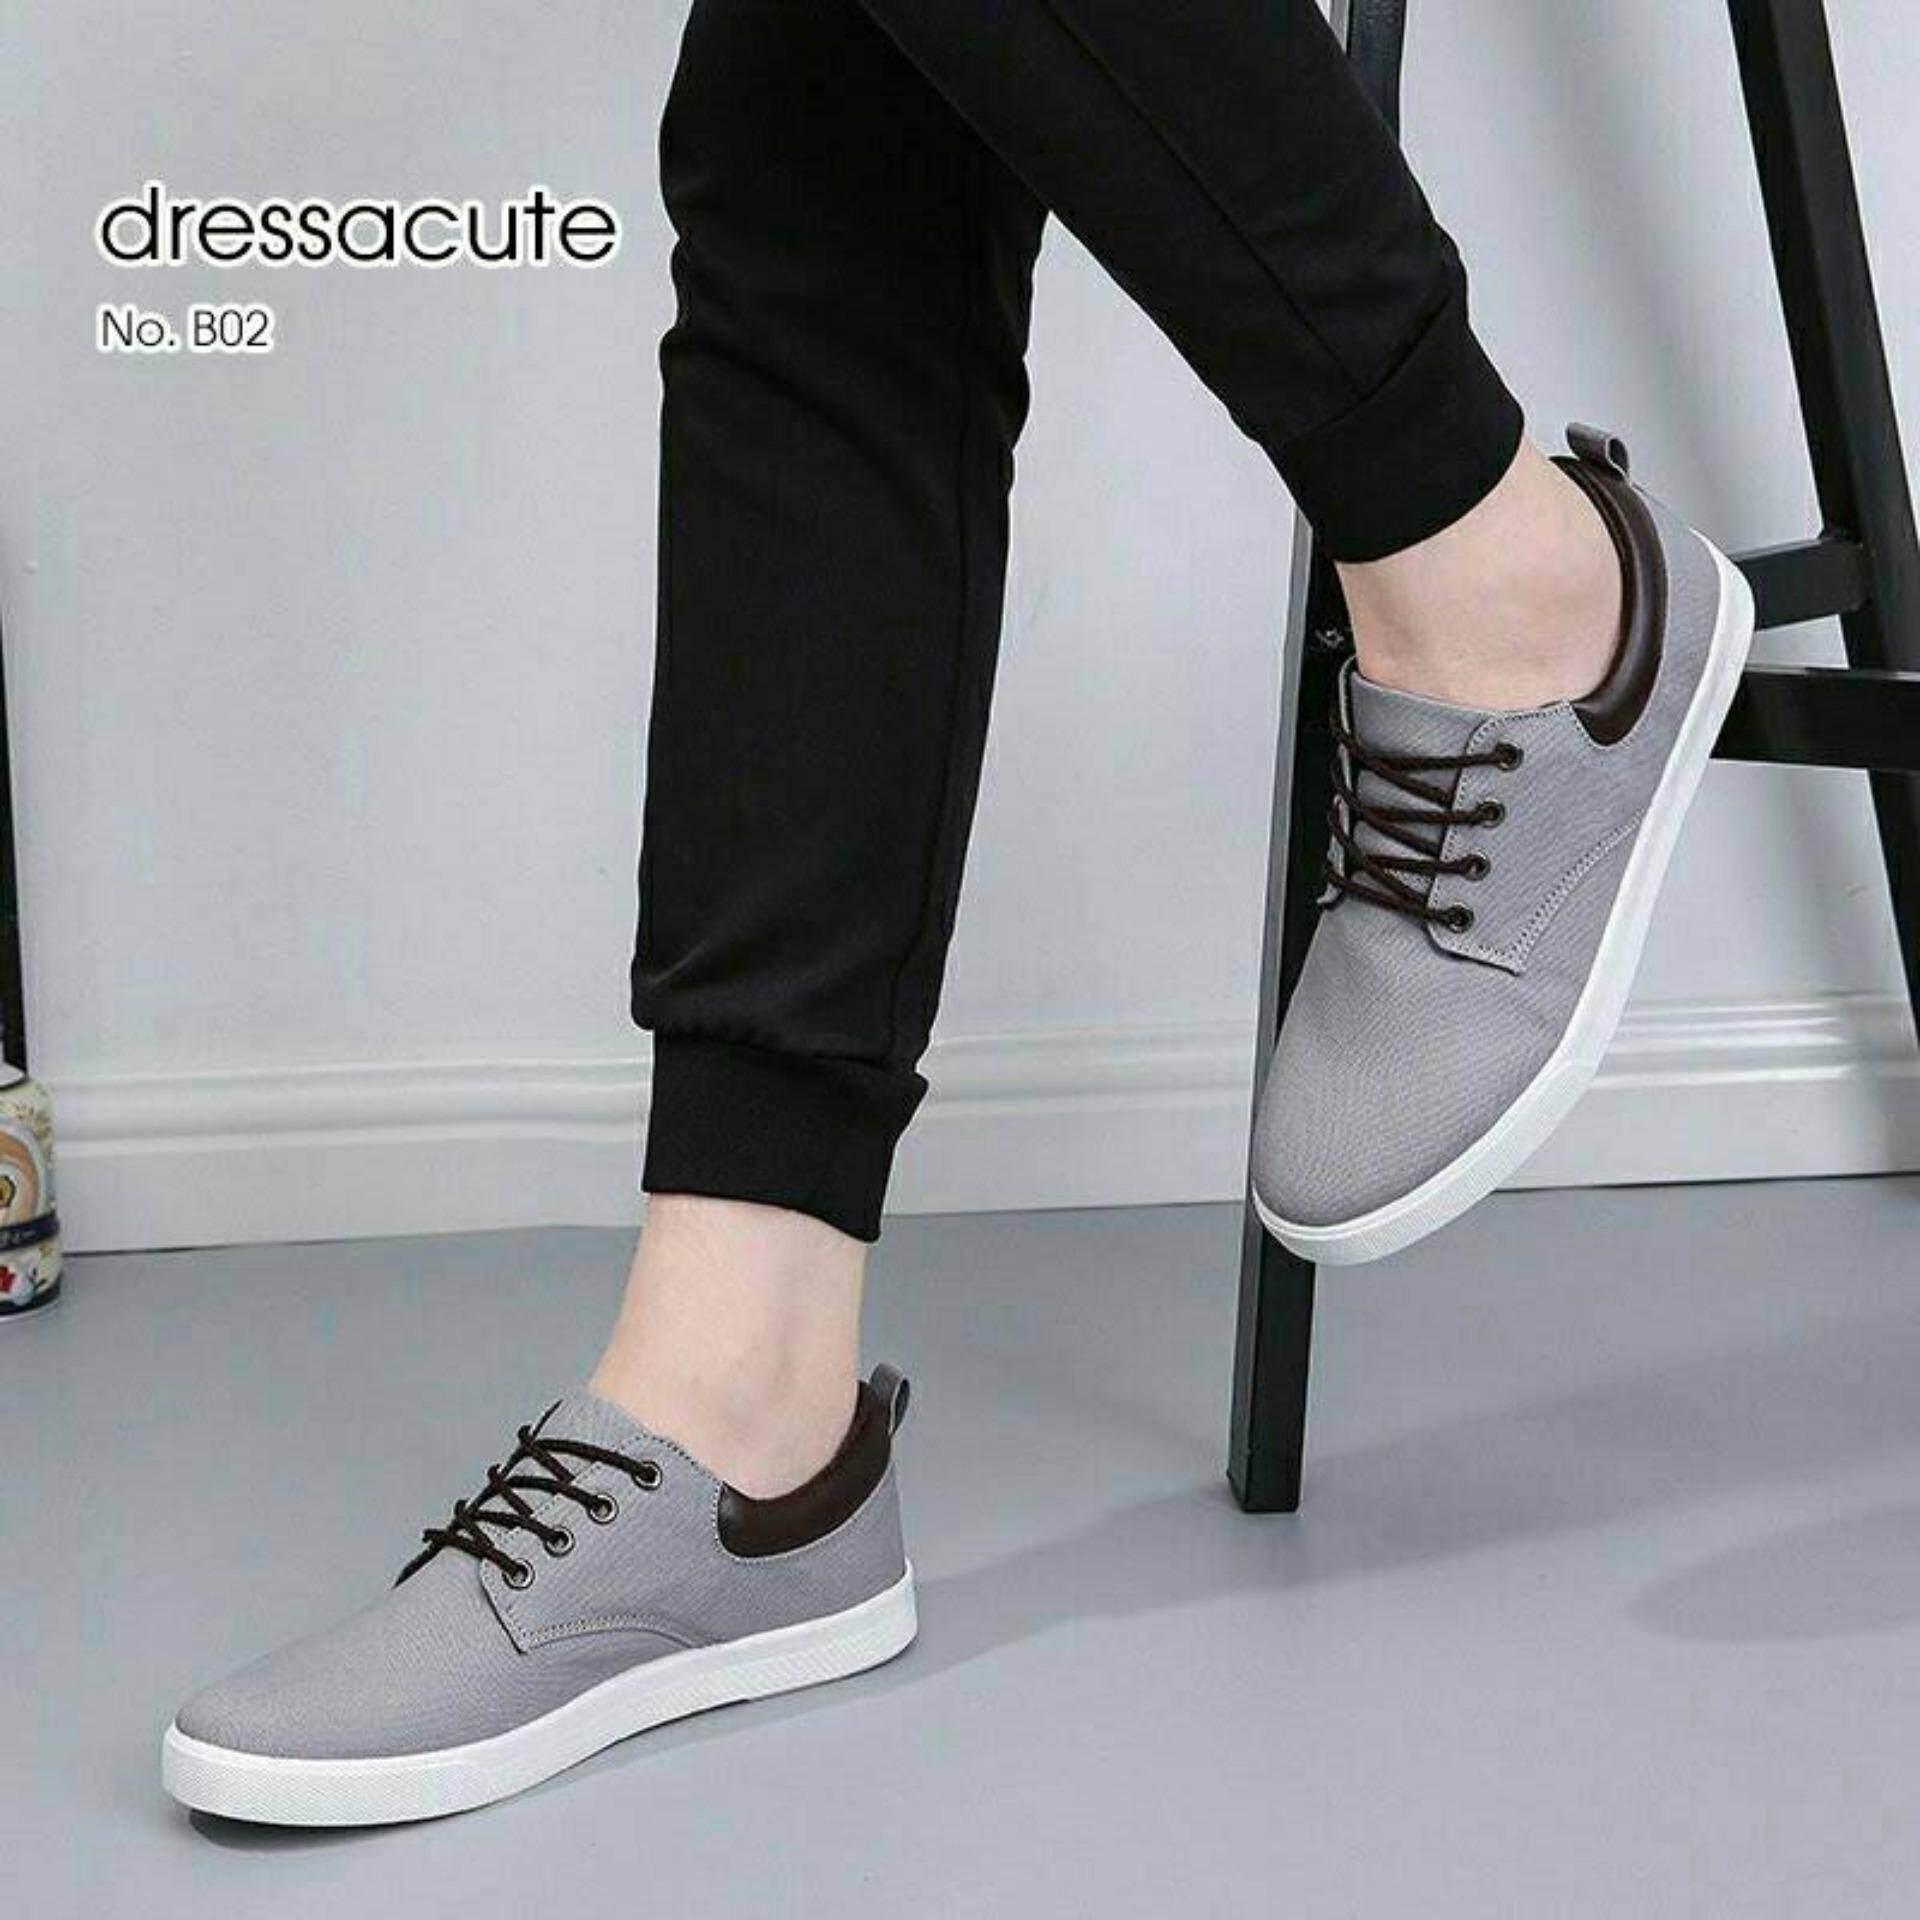 ราคา รองเท้าผ้าใบ ขอบนวม แต่งหนัง แบบผูกเชือก รุ่น B02 สีเทา ใหม่